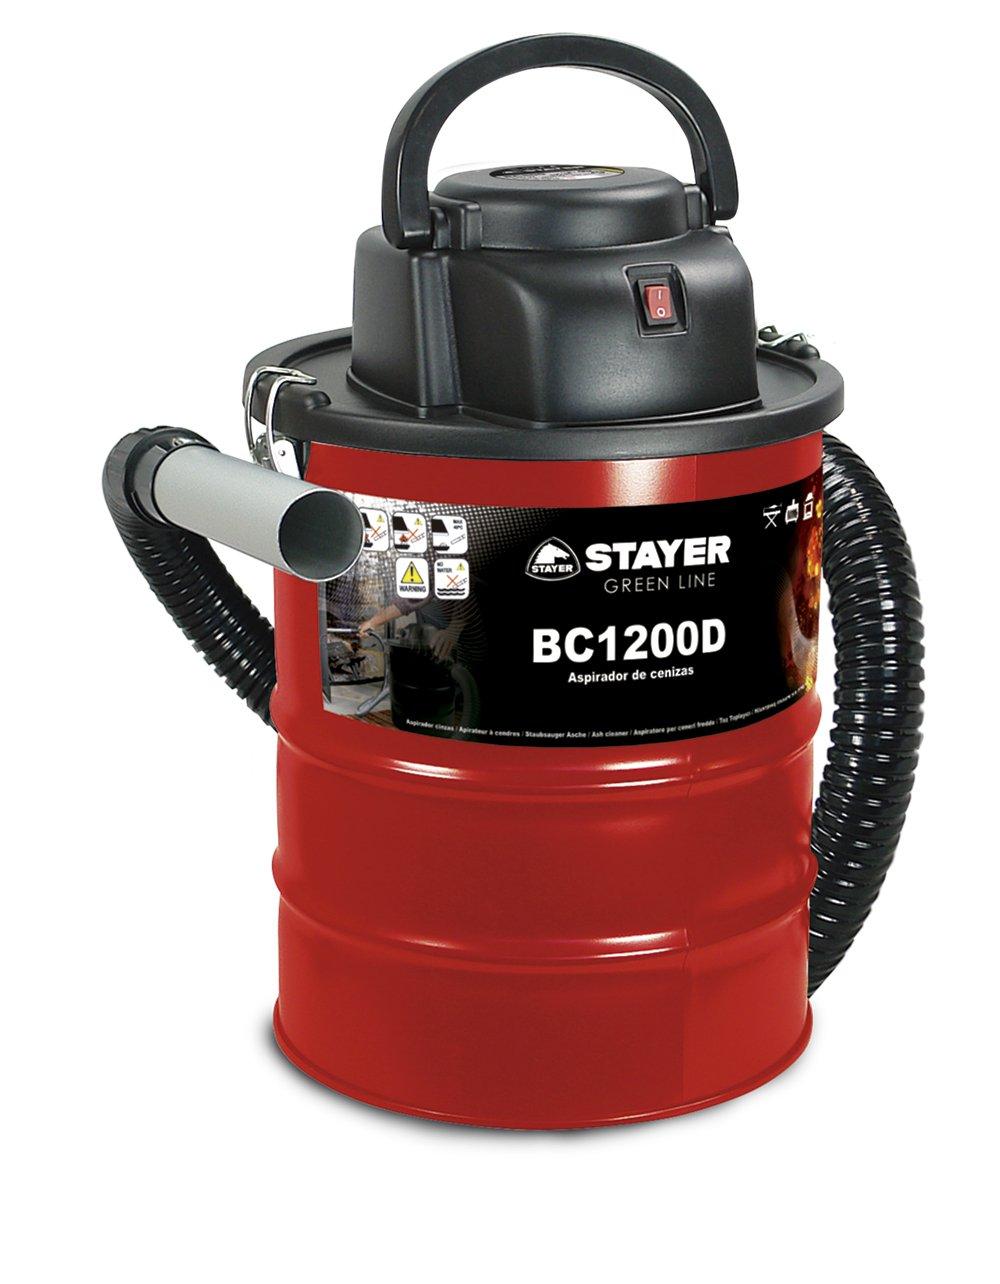 Stayer Bc 1200 D - Aspiratore Per Ceneri, Verde 1200D